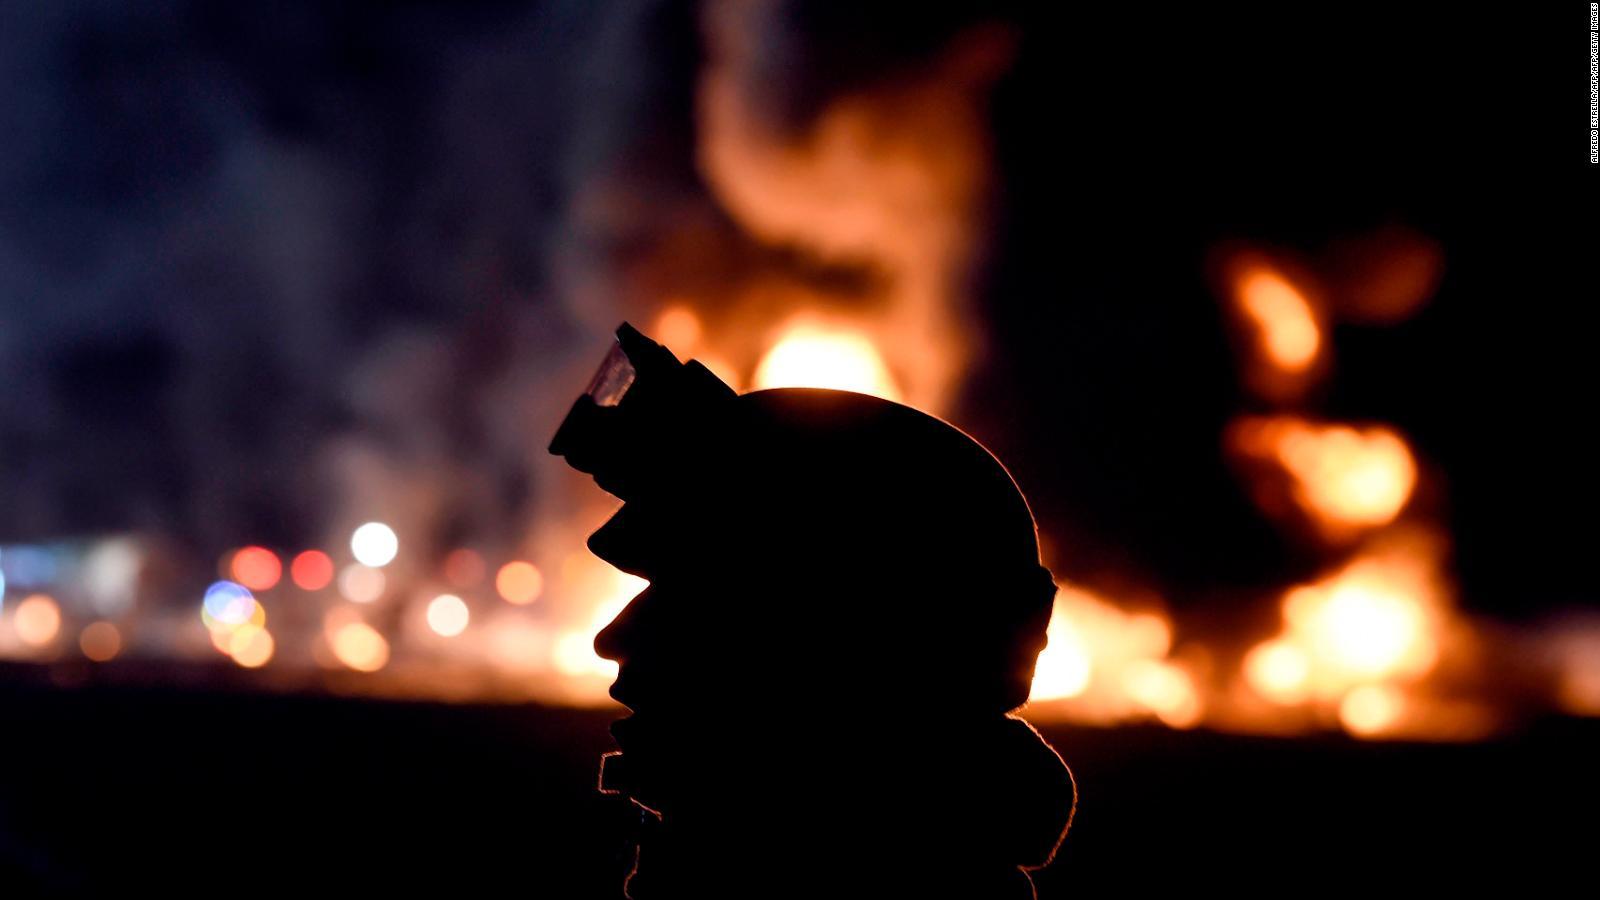 Analista: Tragedia en Hidalgo, consecuencia de corrupción